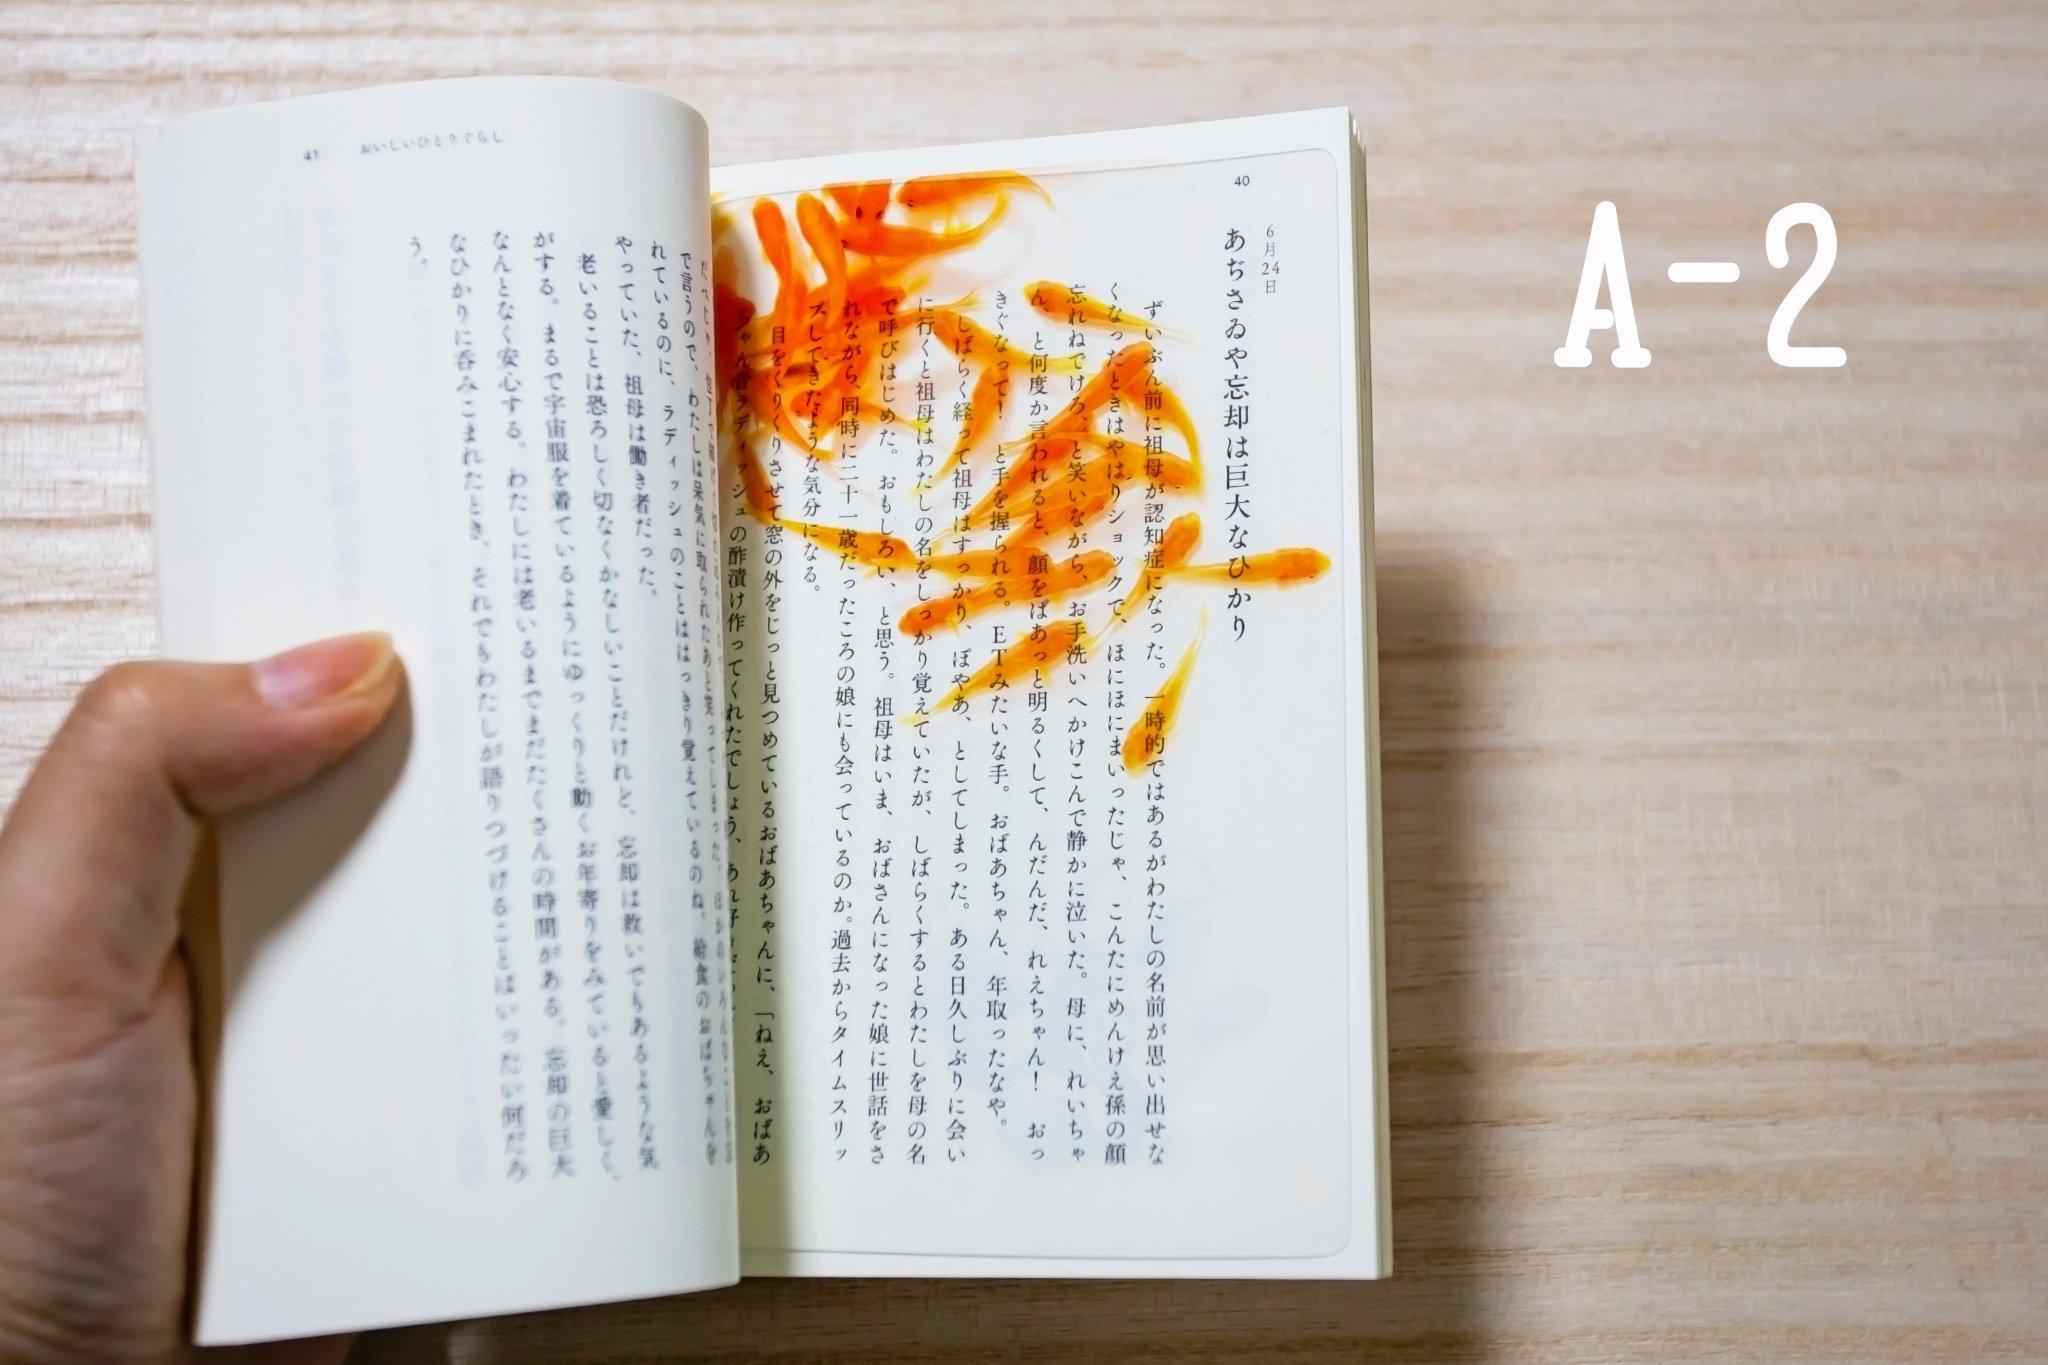 金魚が一番注目される夏!本屋のアイデア栞が涼しげ!